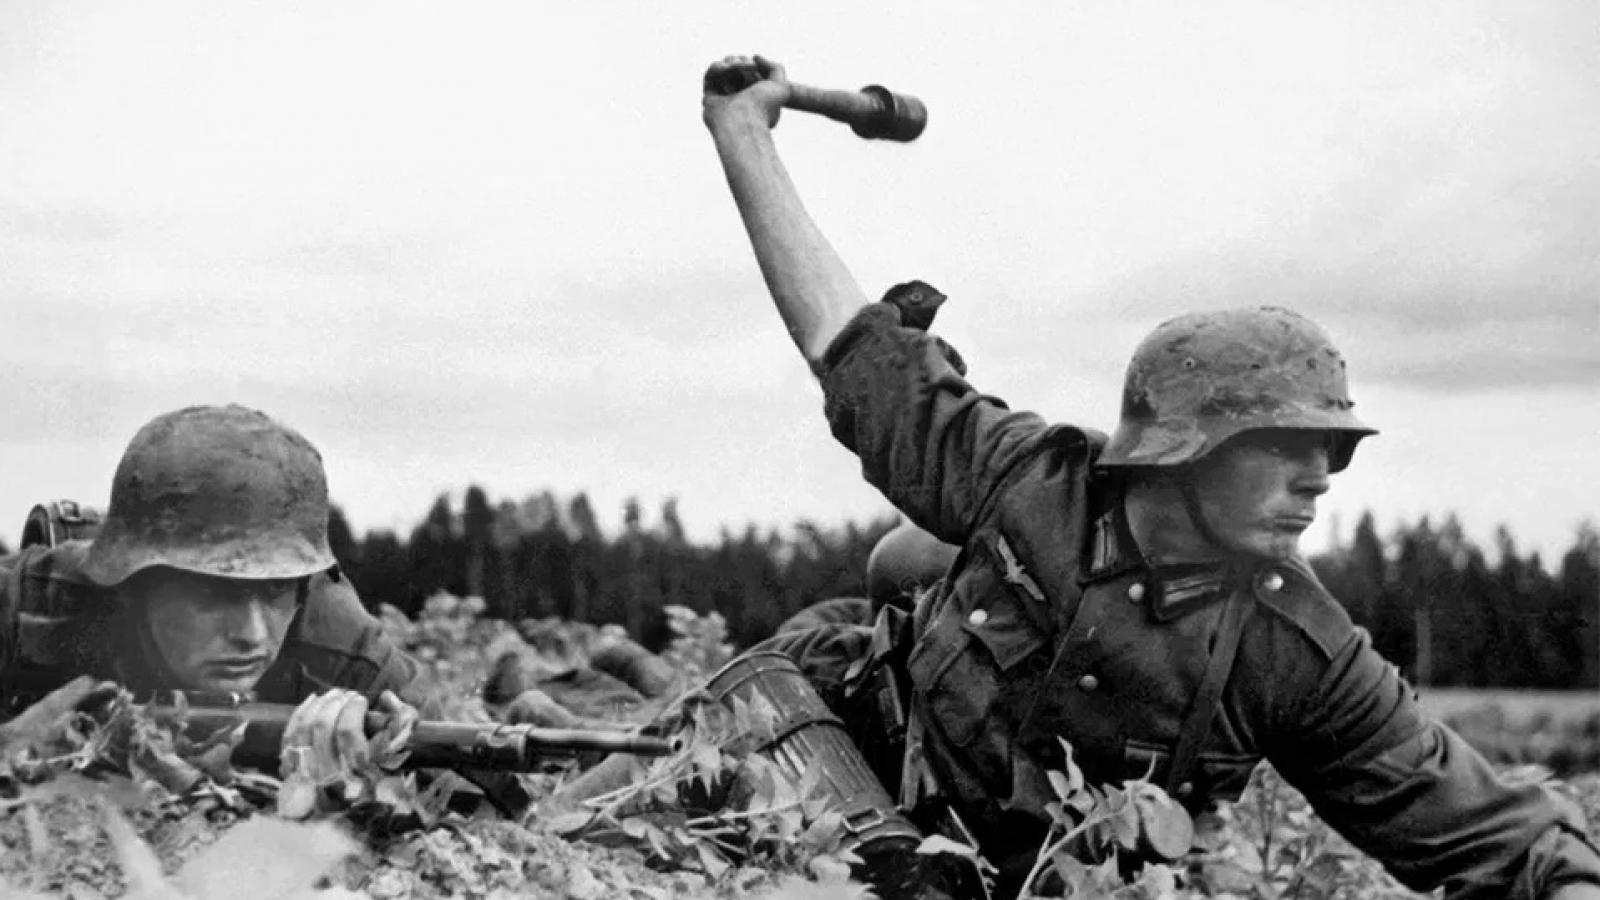 Chiến dịch Barbarossa (Đức tấn công Liên Xô) - chiến dịch xâm lược lớn nhất trong lịch sử